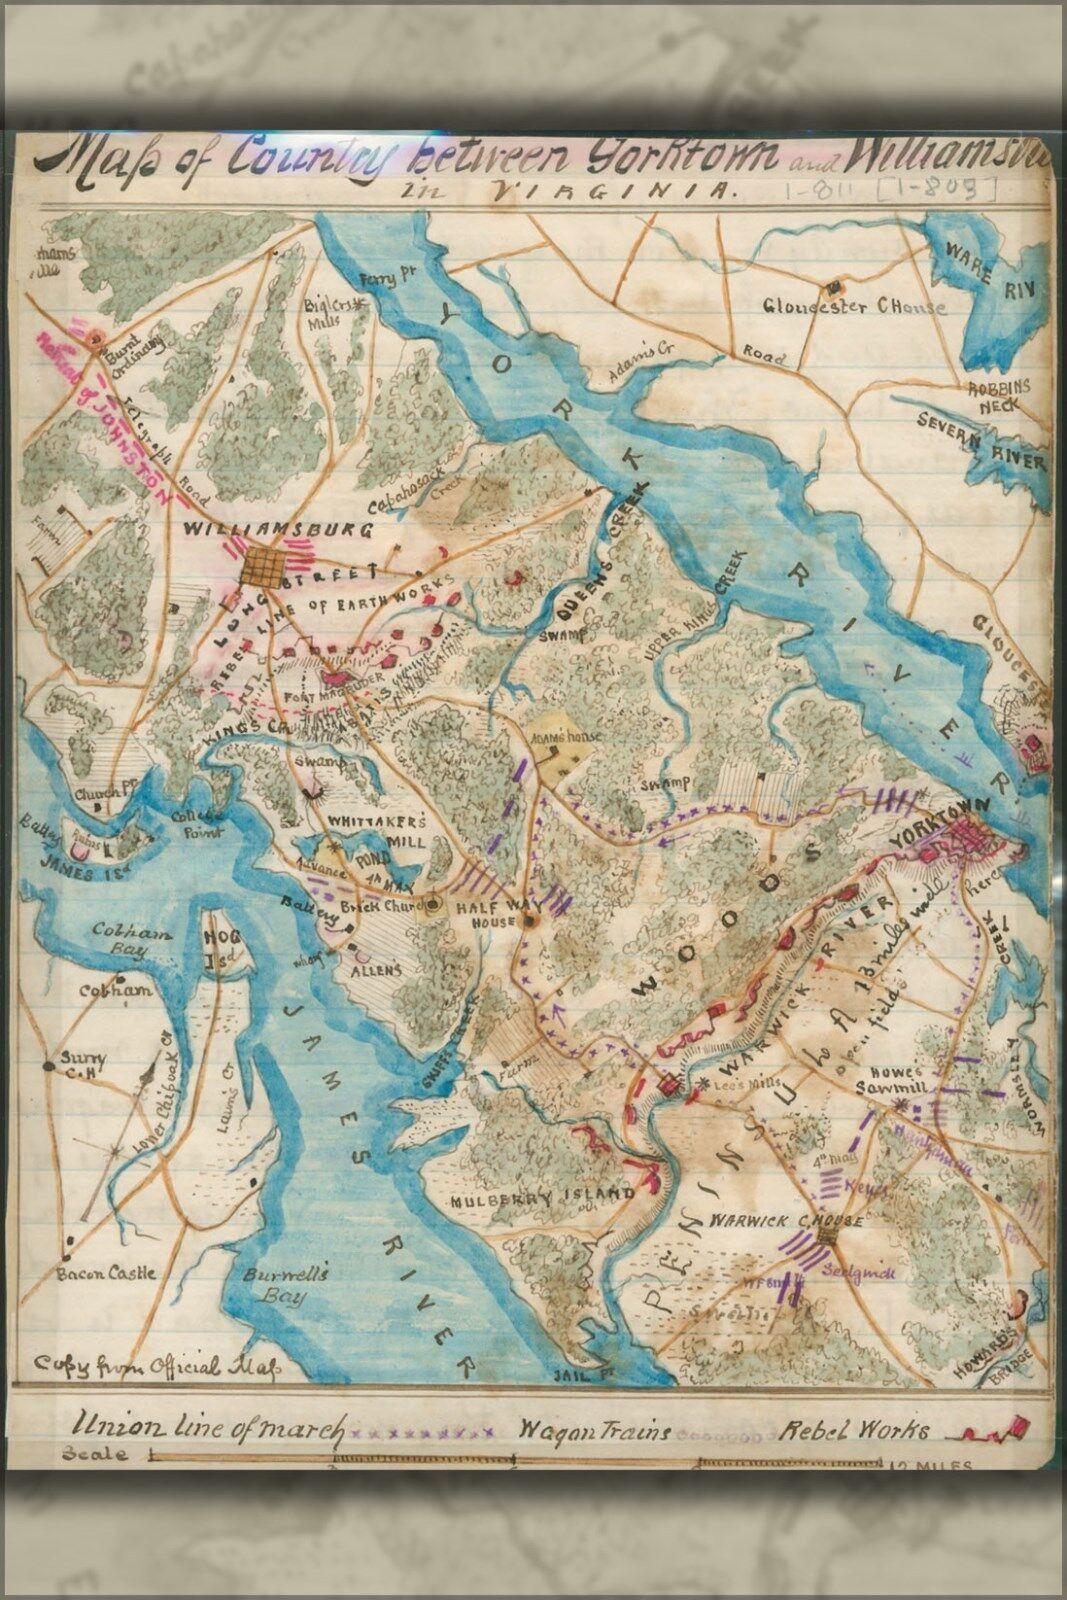 Plakat, Viele Größen; Karte von Yorktown To Williamsburg Virginia 1865